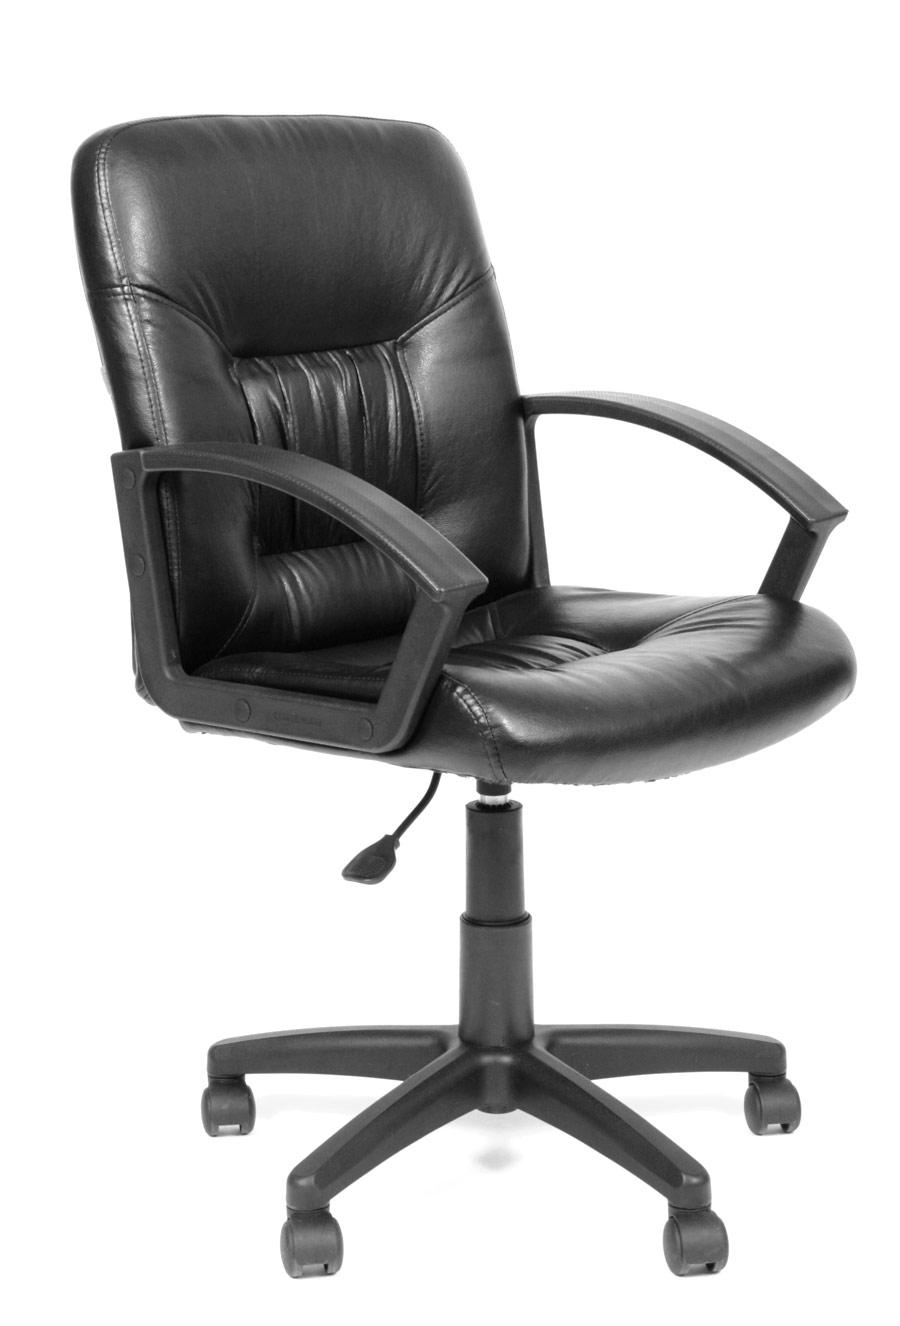 Офисное кресло Chairman СН 651 Эко-кожа черная глянец